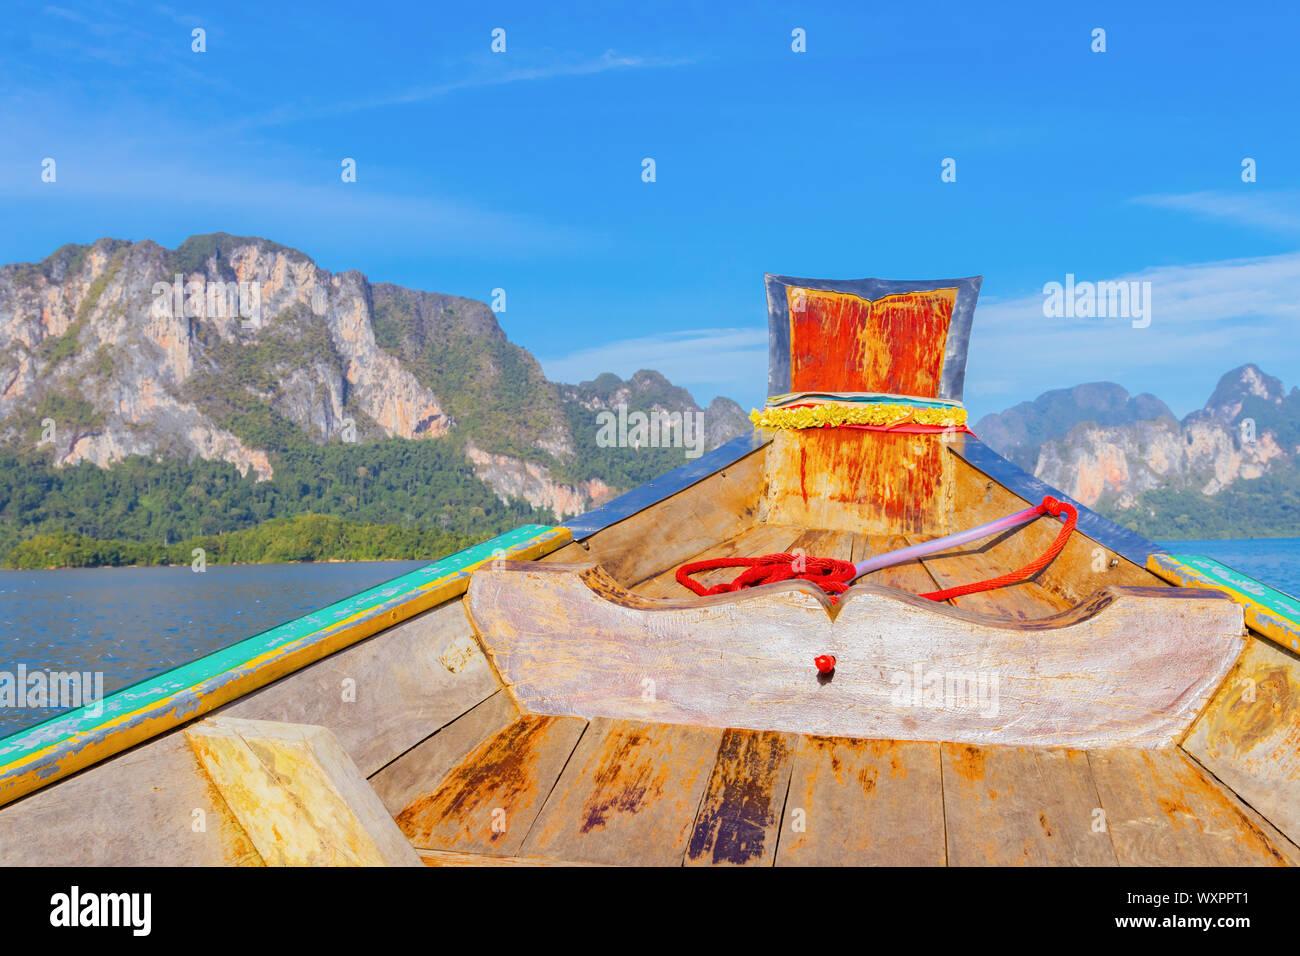 Bateau en bois sur la voile à Ratchaprapa Dam et le lac Cheow Larn Khao Sok, la nature belle en Thaïlande Banque D'Images